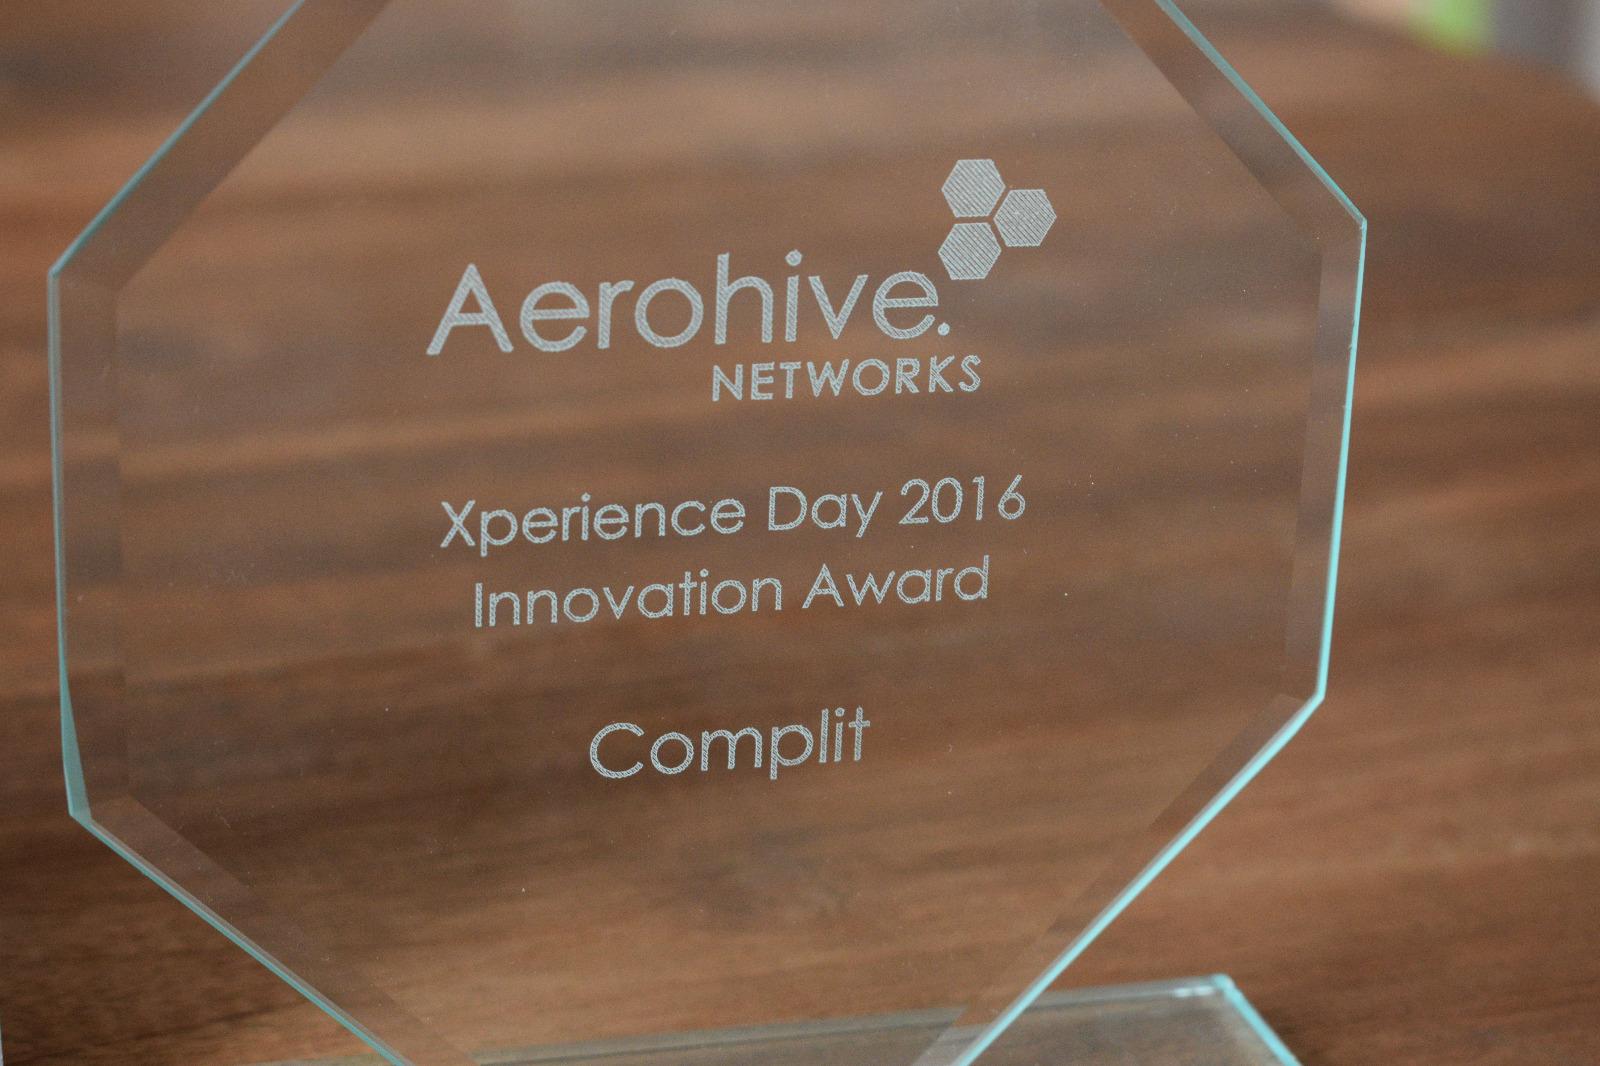 Complit Networks sleept voor derde jaar op rij award binnen en ontvangt dit jaar de Award Voor Meest Innovatieve Bedrijf in de Benelux